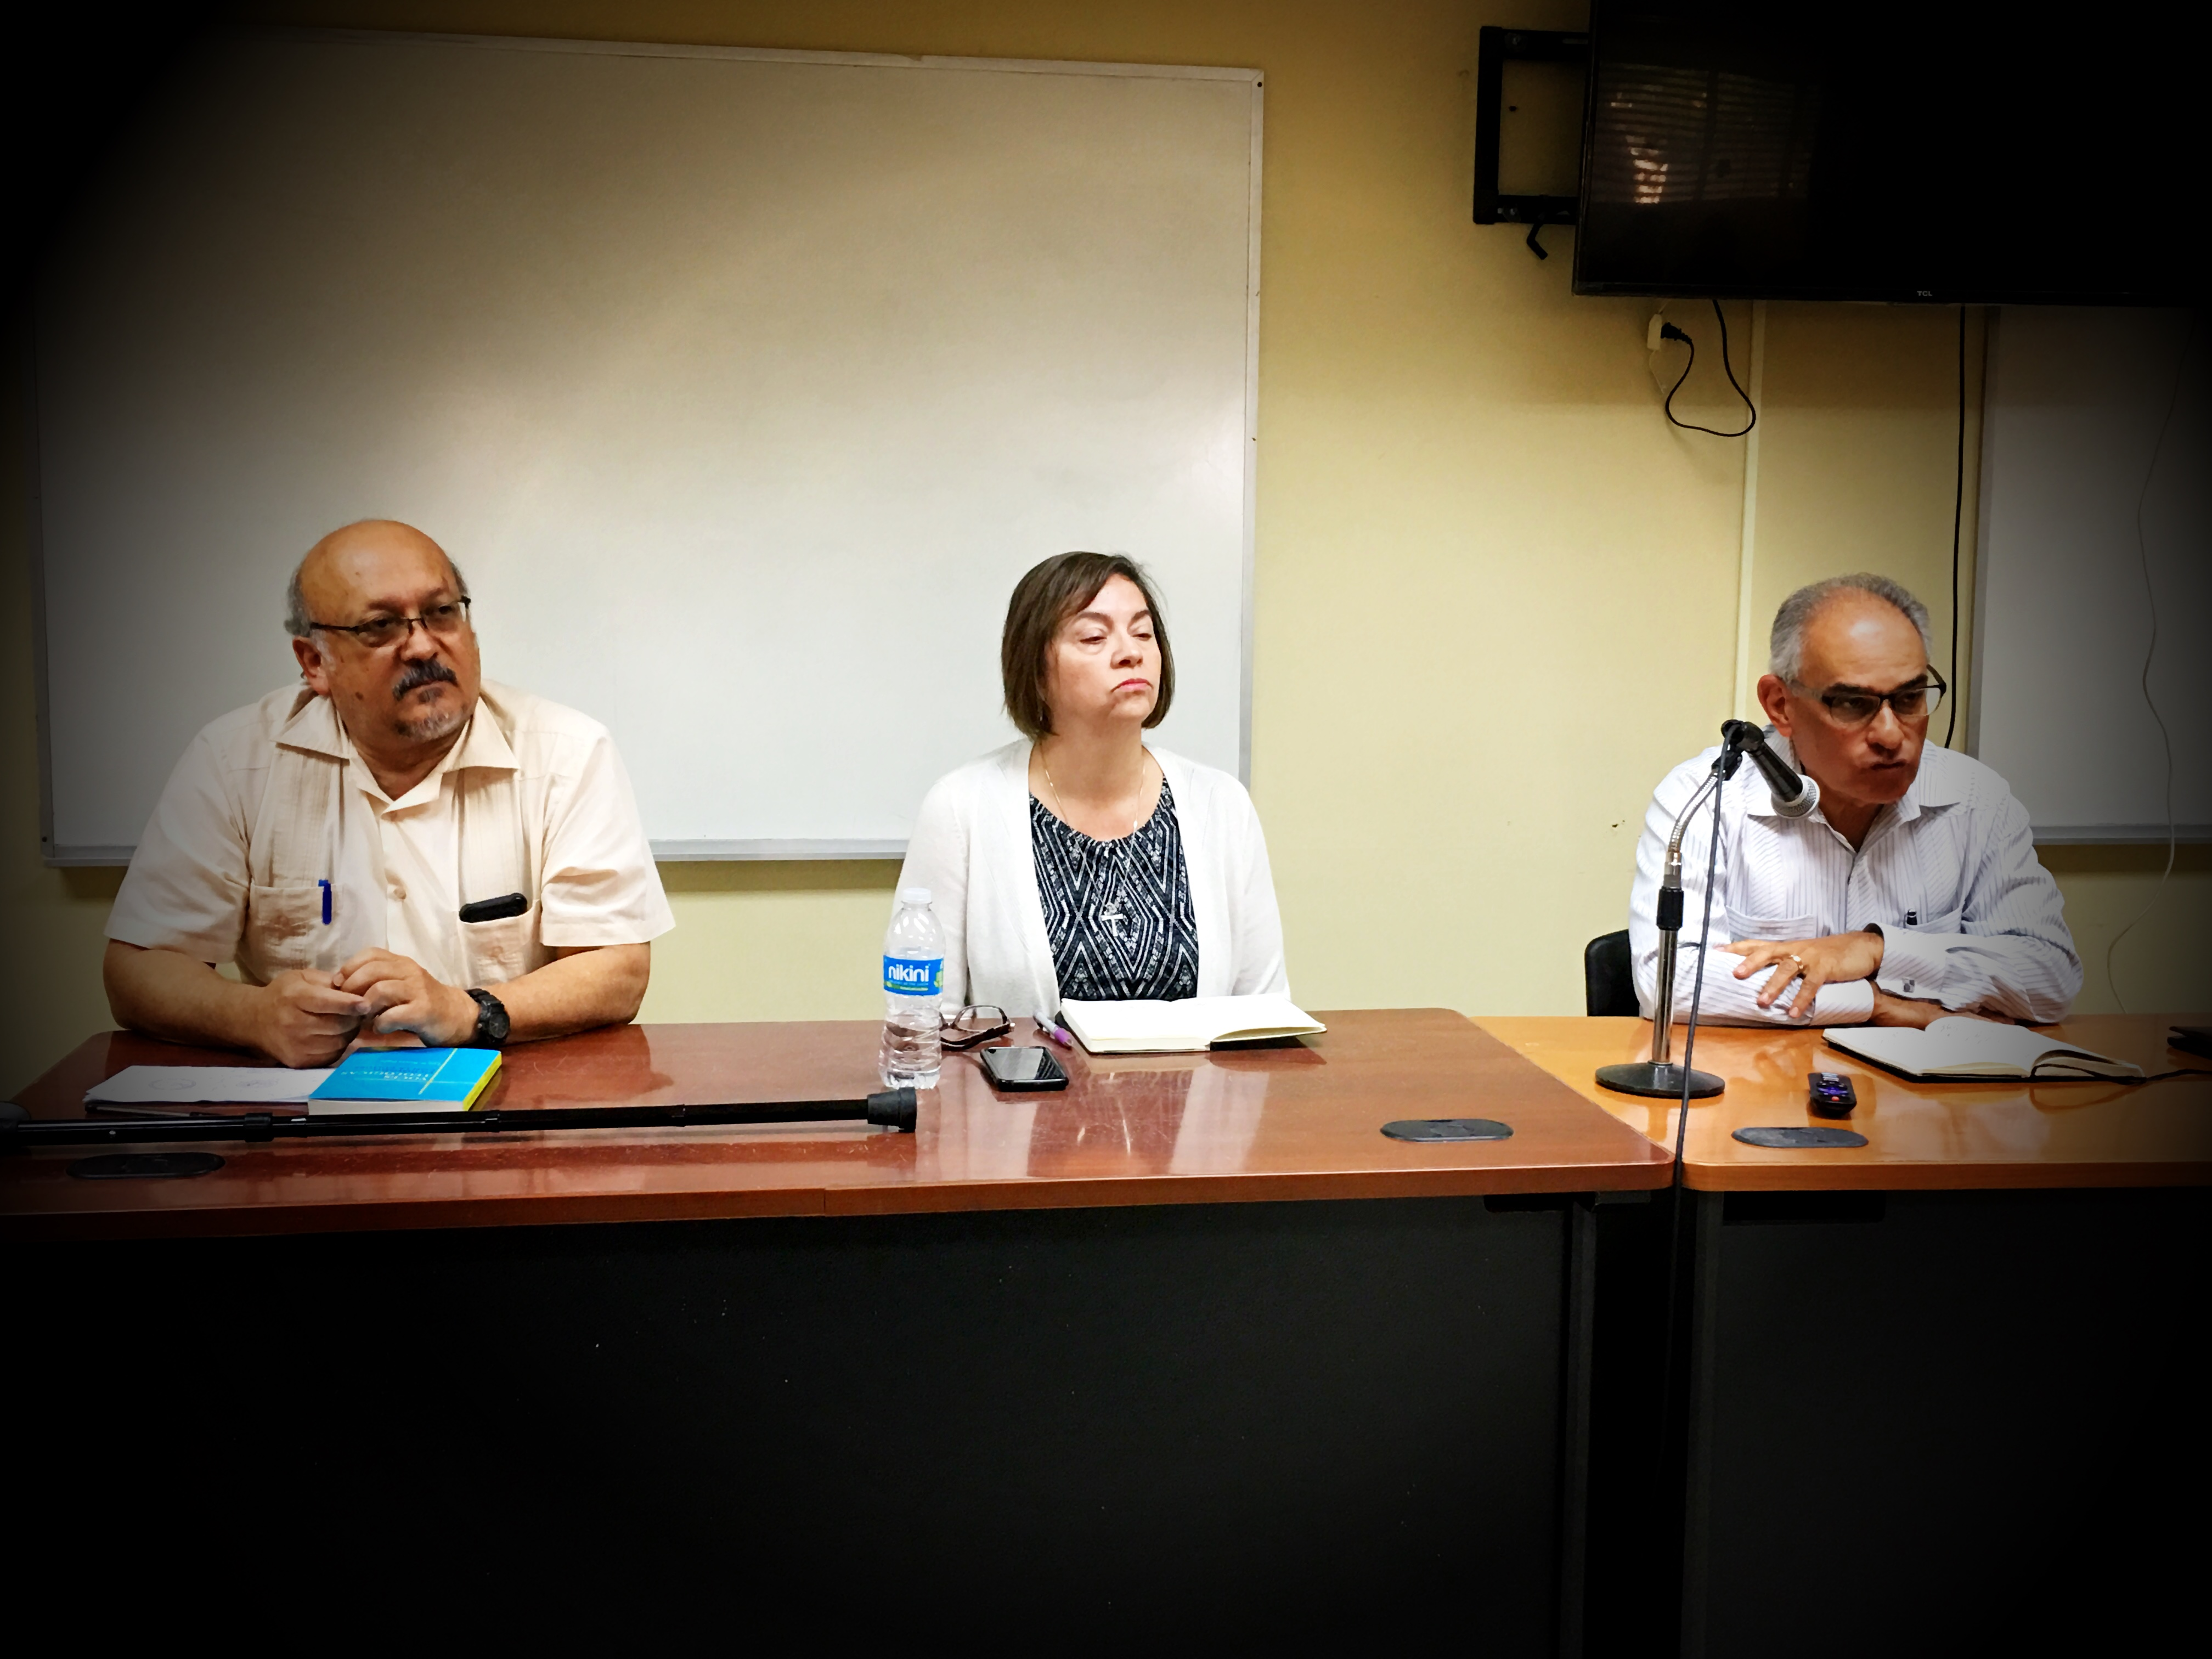 Jose David Rodriguez, Rafael Malpica y Evelyn Soto en TeoBytes